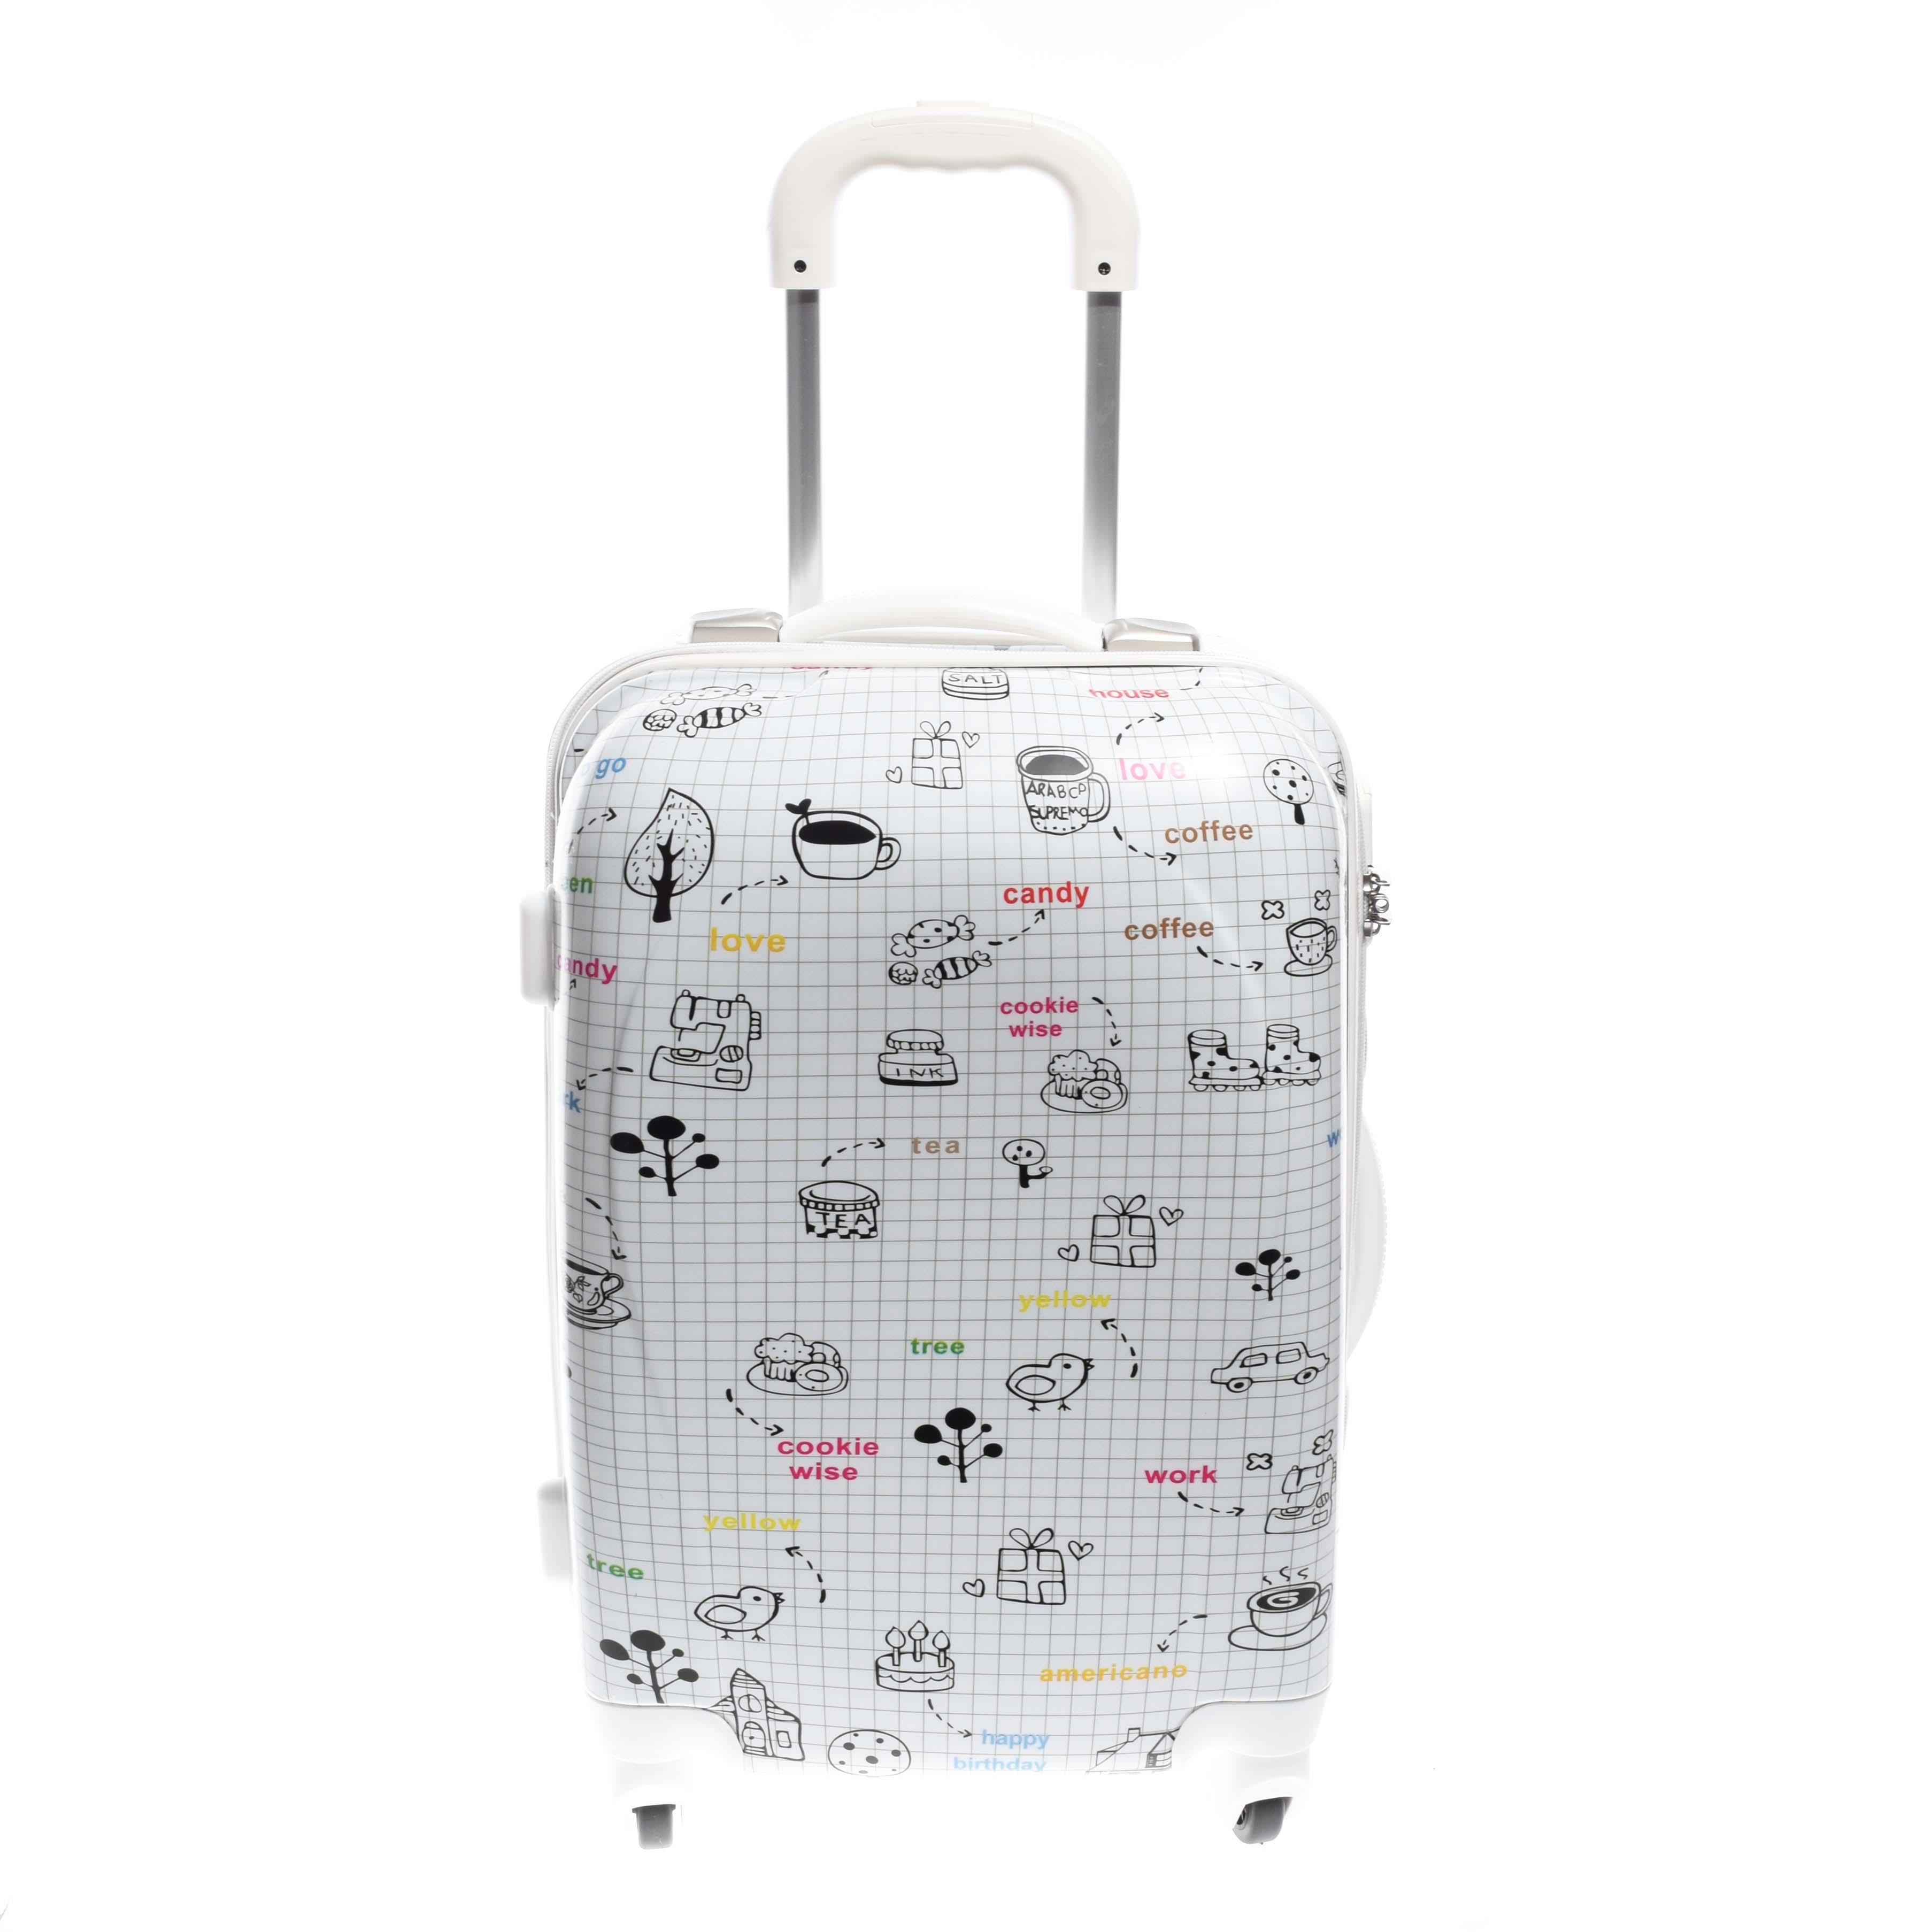 Ormi Fekete-Fehér Kemény Kabin Bőrönd - KABIN (kis) MÉRETŰ BŐRÖNDÖK - Táska  webáruház - Minőségi táskák mindenkinek 87589ac45f